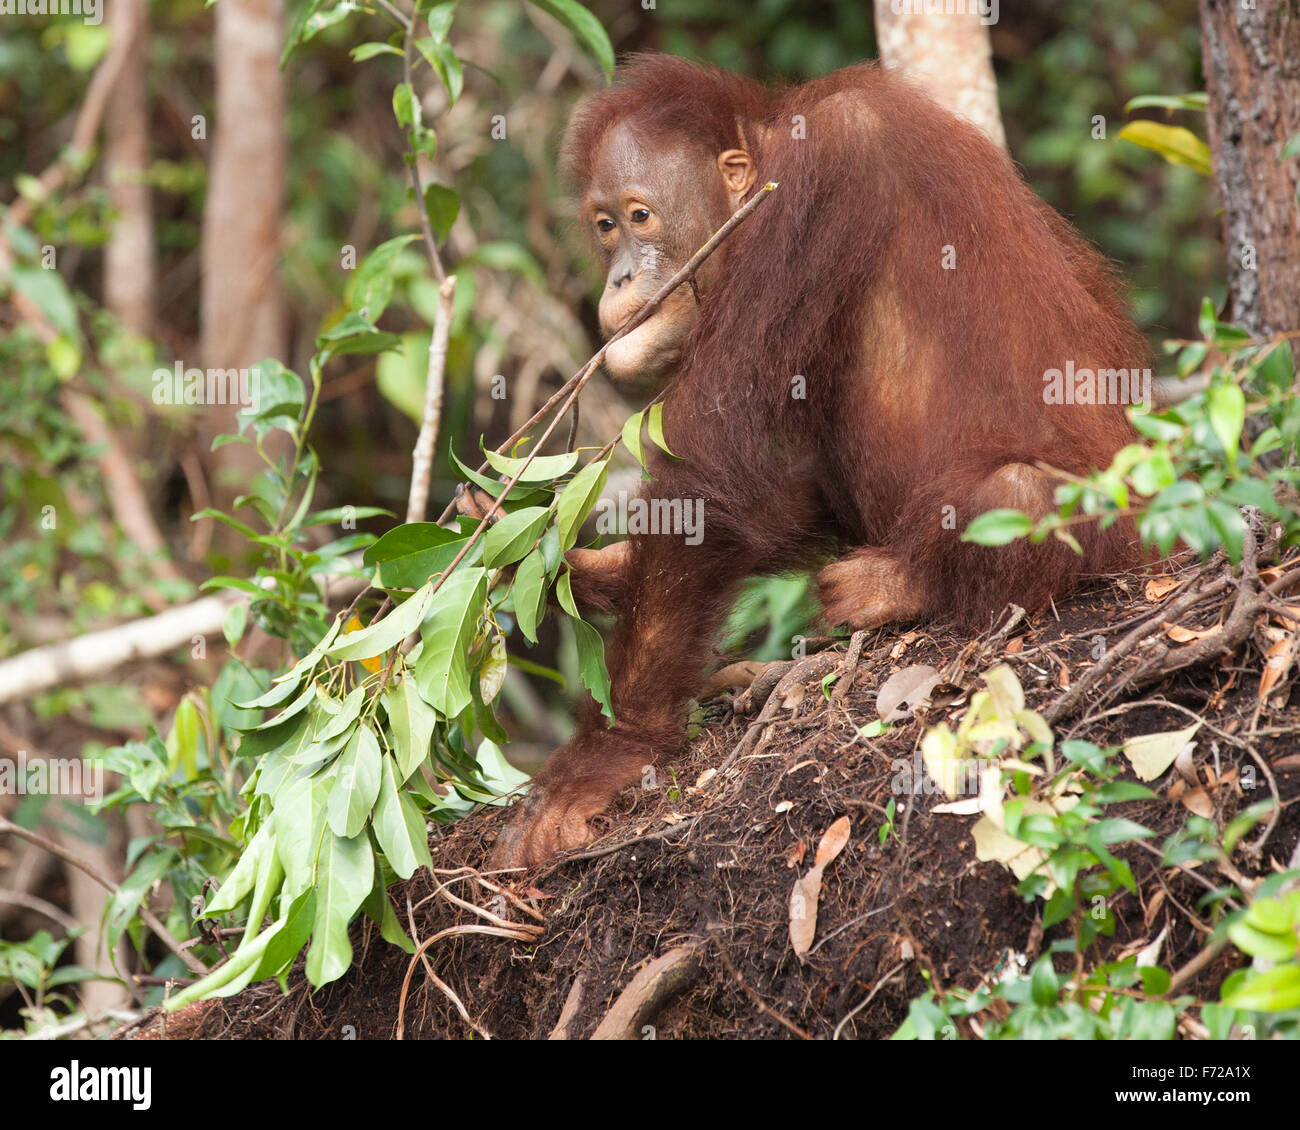 Bornean Orangutan (Pongo pygmaeus) holding leafy branch  in mouth - Stock Image